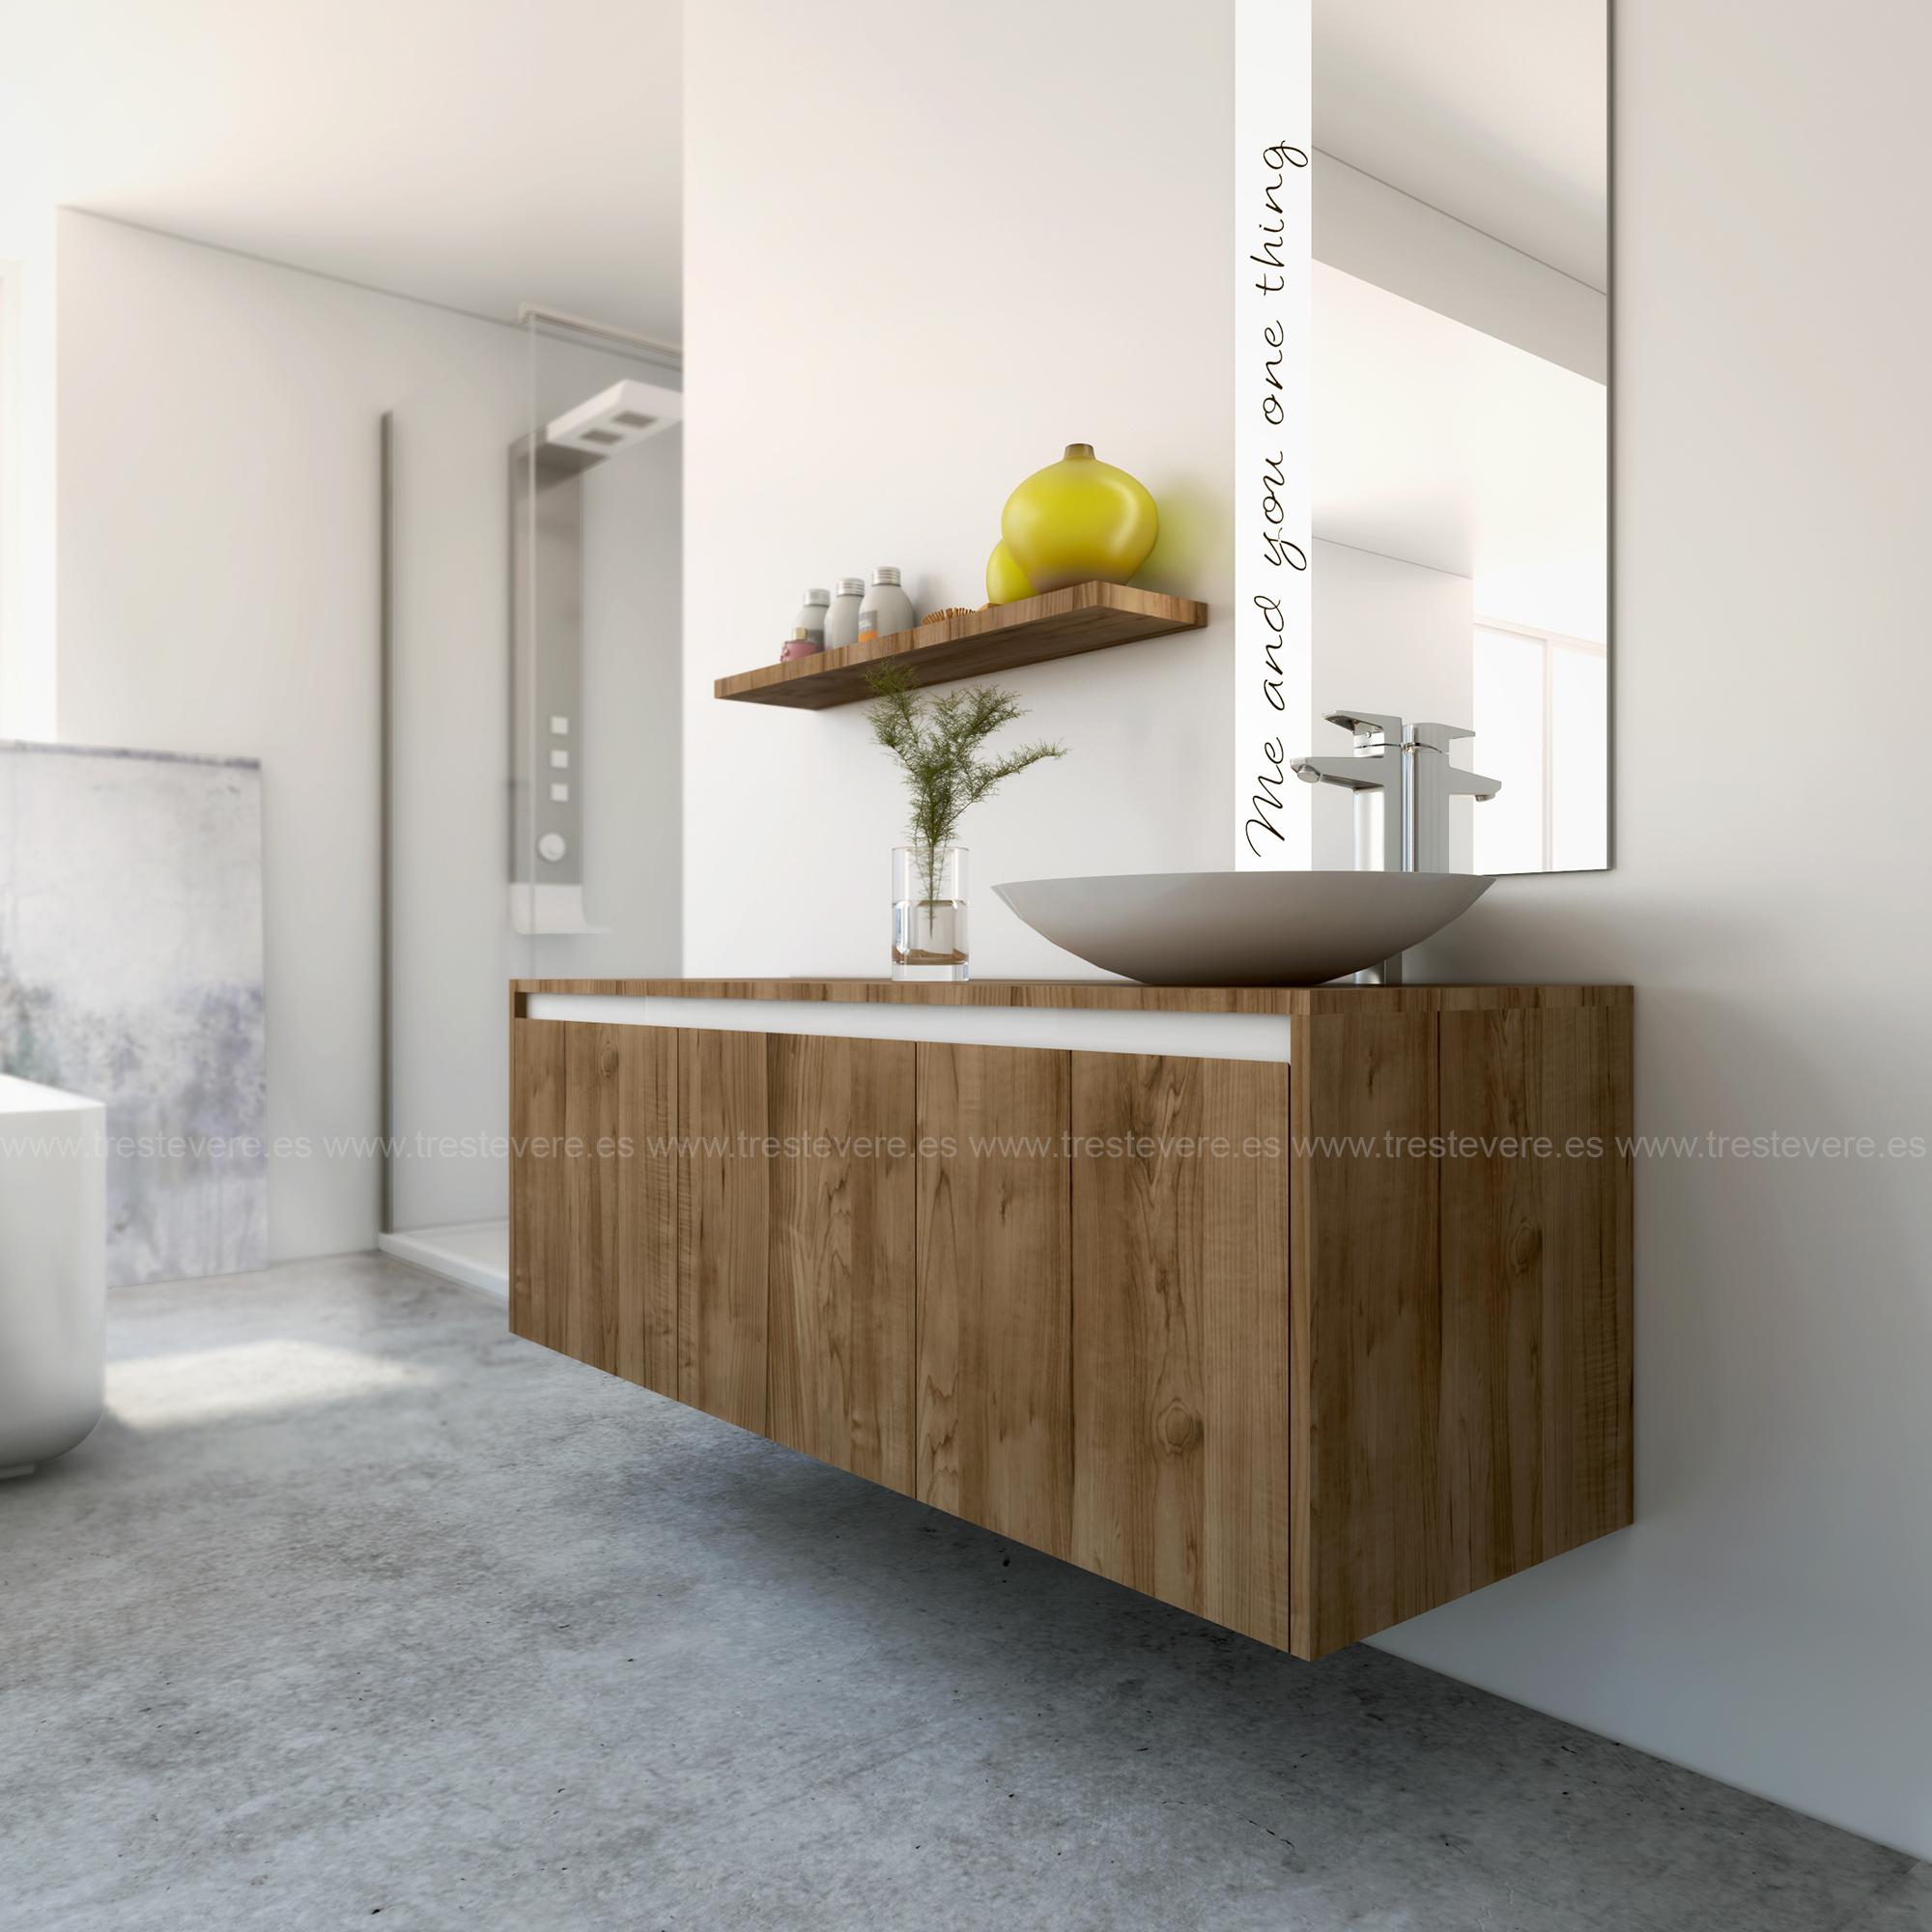 baño 3D catalogo 04